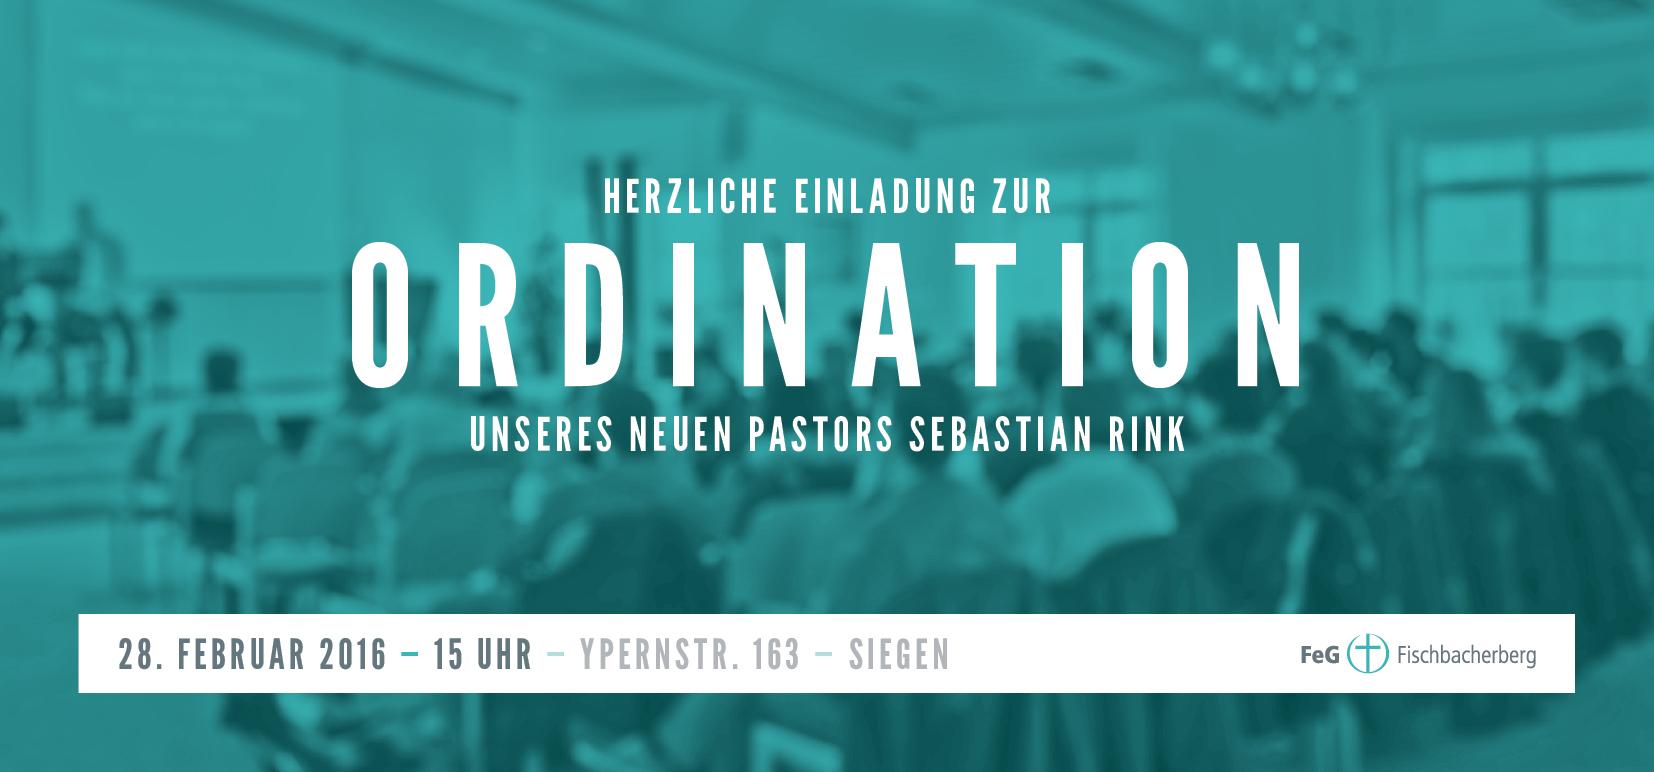 Herzliche Einladung zur Ordination